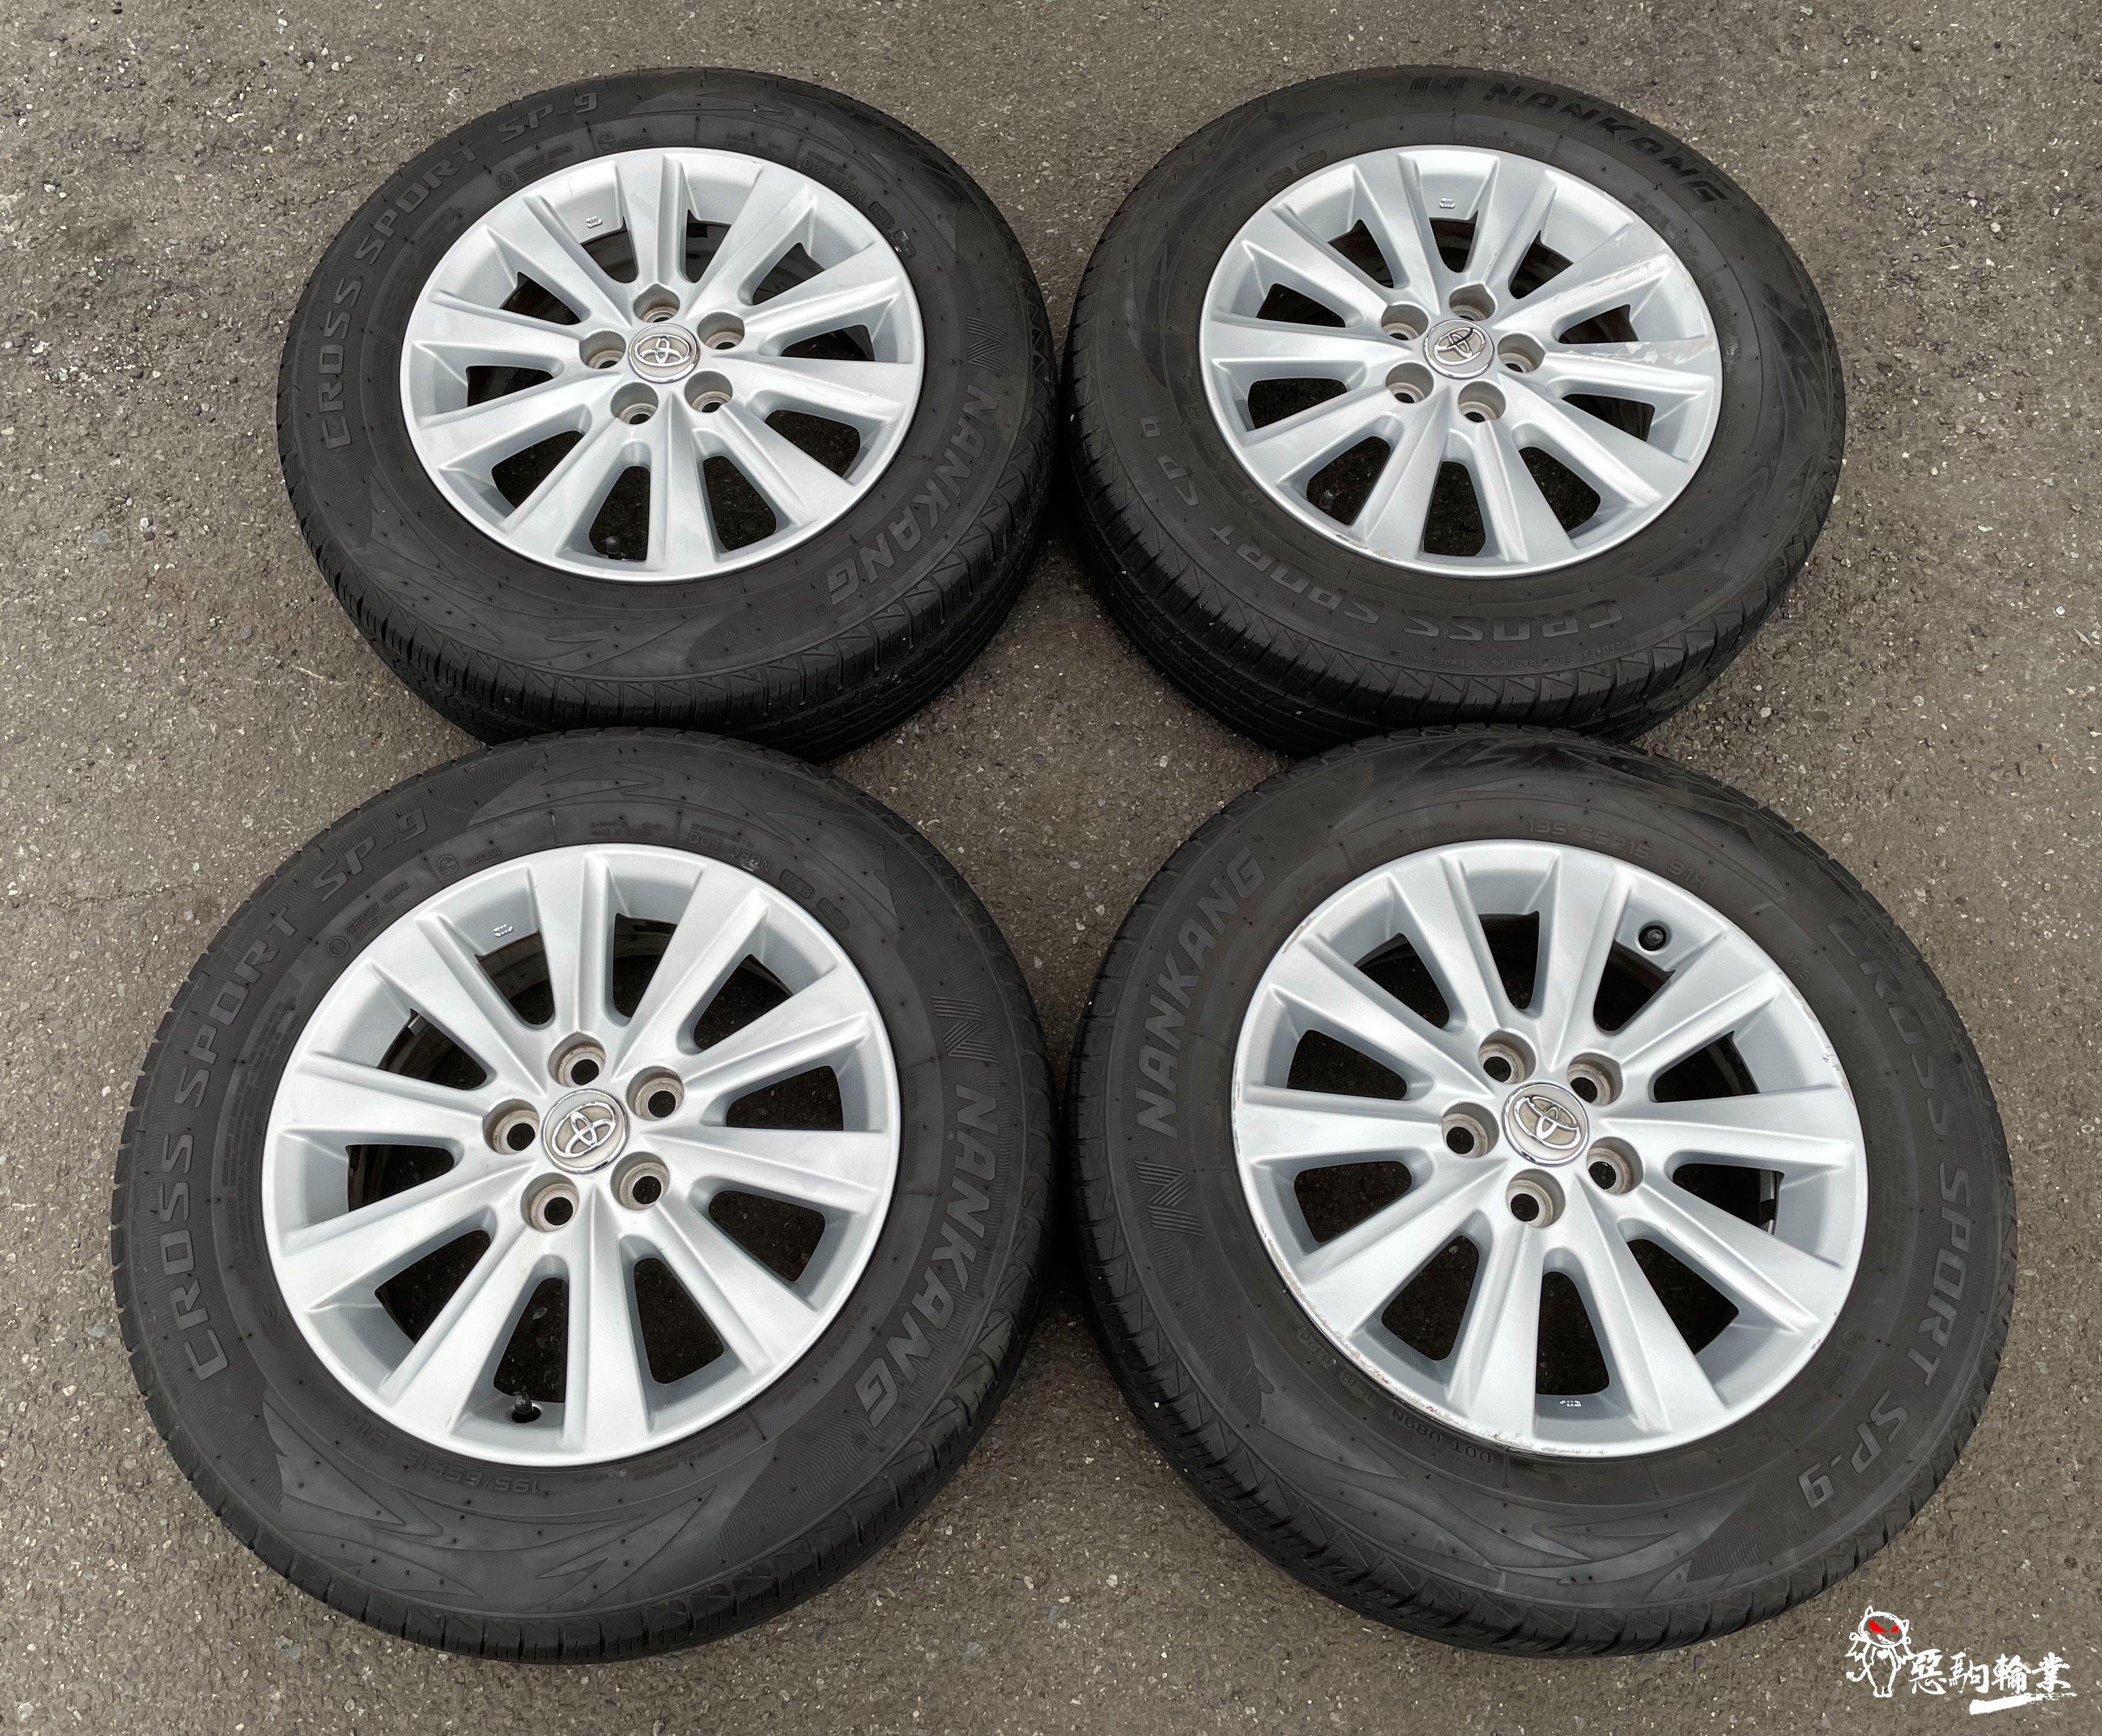 二手/中古鋁圈輪胎 原廠 豐田 15吋 5孔100 銀 含輪胎 南港 SP9 195/65-15 WISH ALTIS